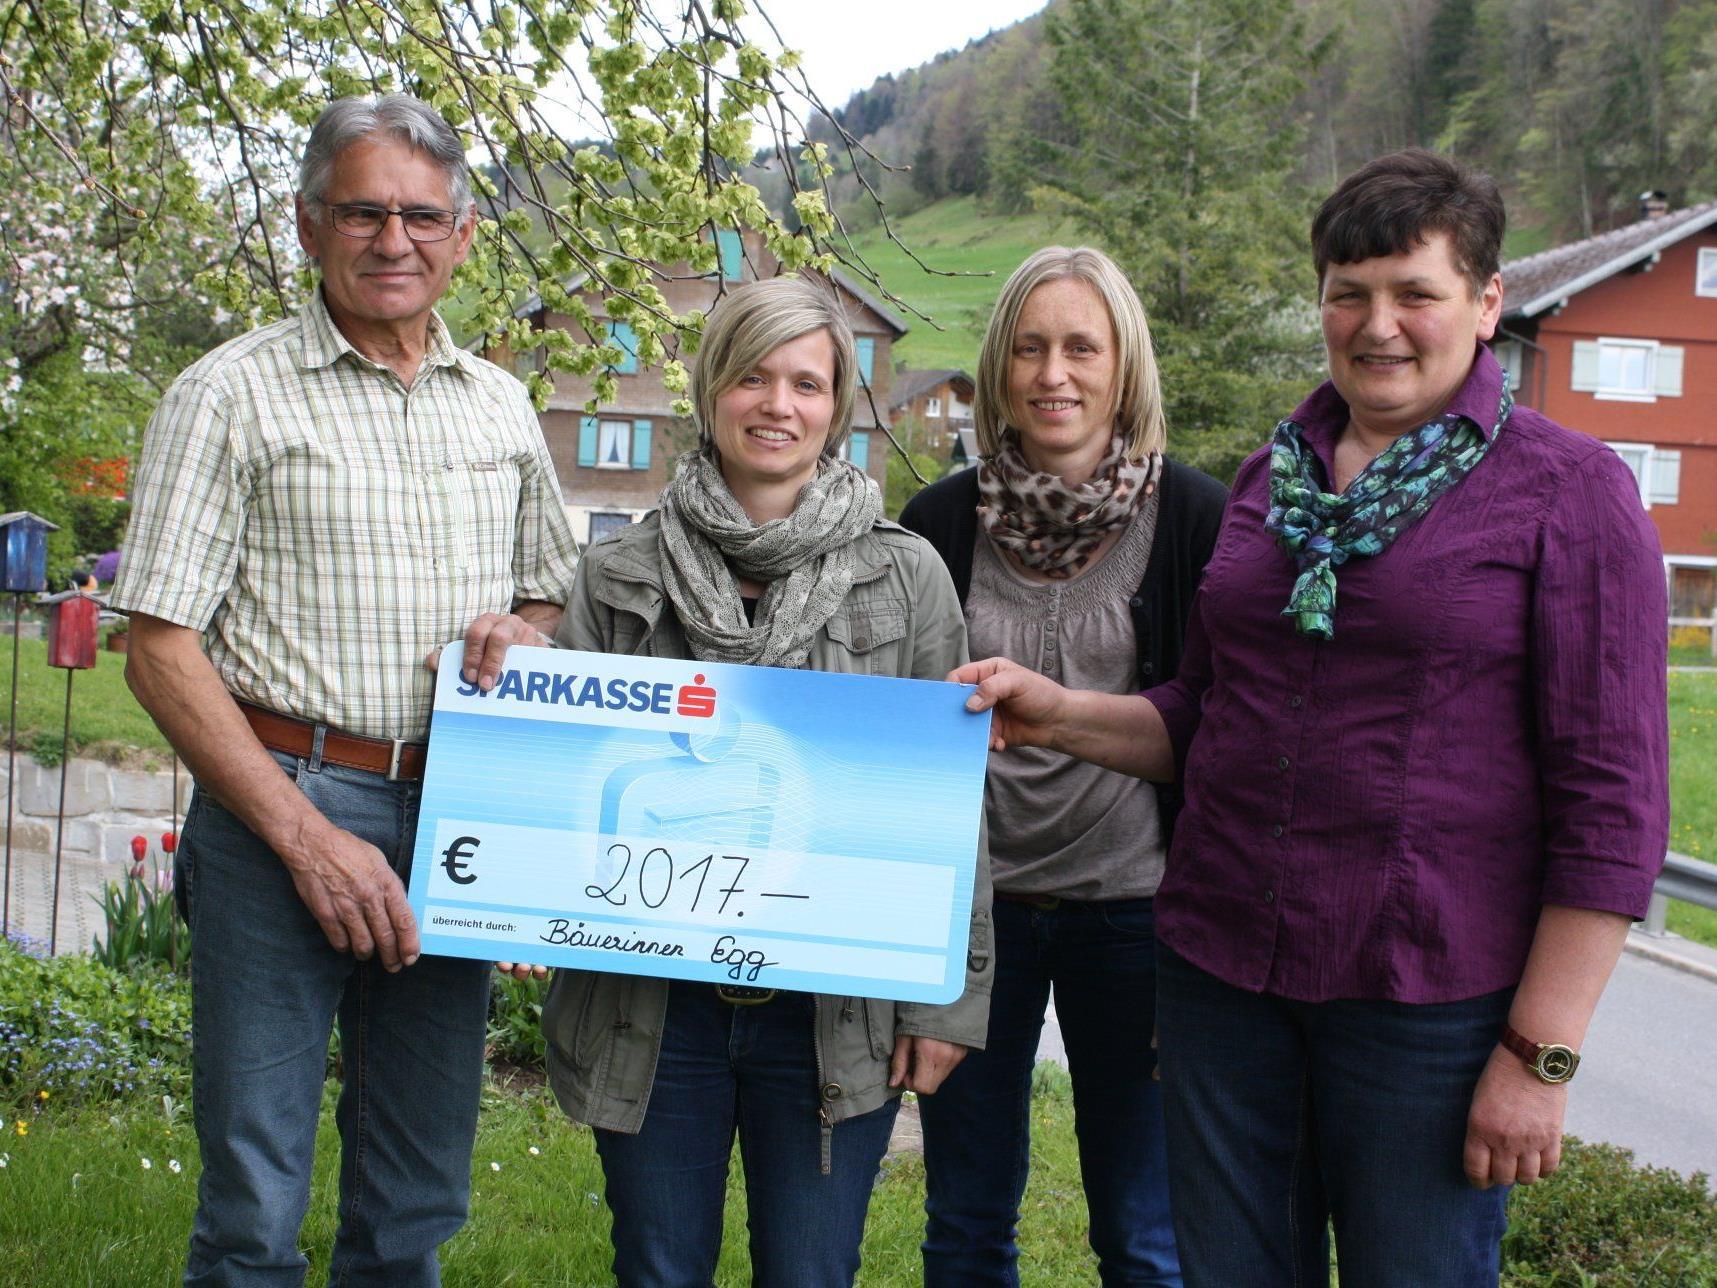 Theresia Schneider, Natalie Feurstein und Michaela Schneider übergaben die Spende an Anton Beer.